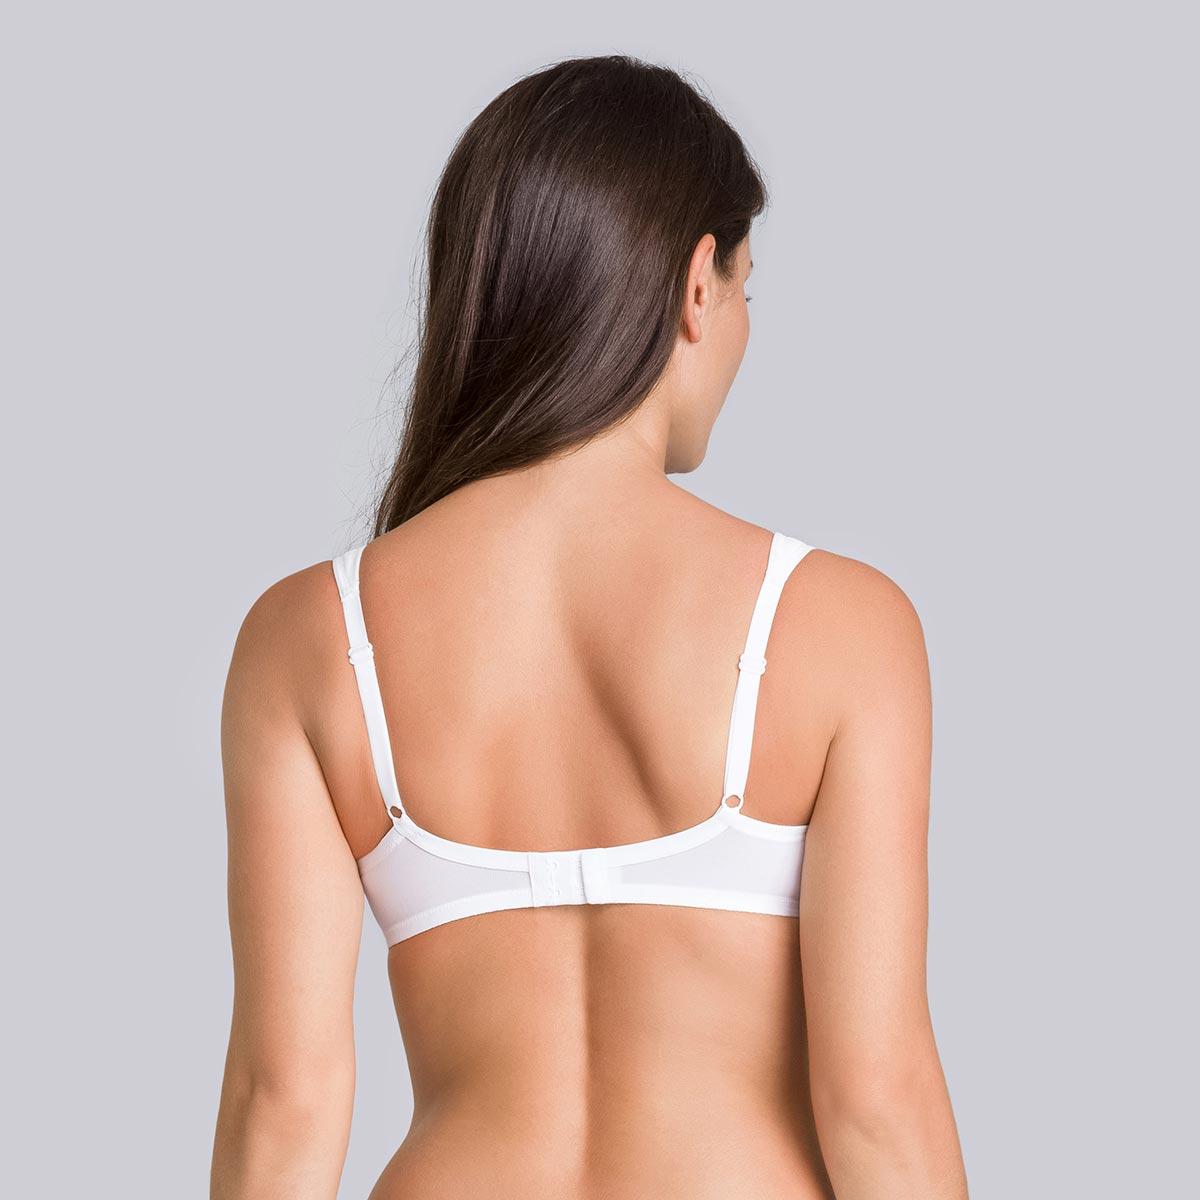 Minimiser bra in white - Expert in Silhouette, , PLAYTEX